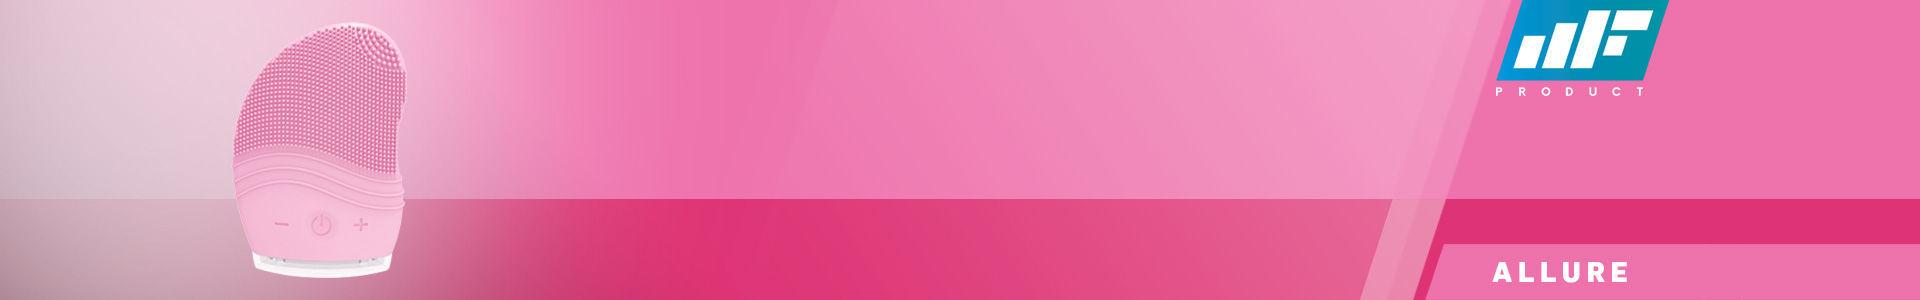 MF Product Allure 0158 Titreşimli Yüz Temizleme Cihazı Pembe için en iyi fiyatı buldun!